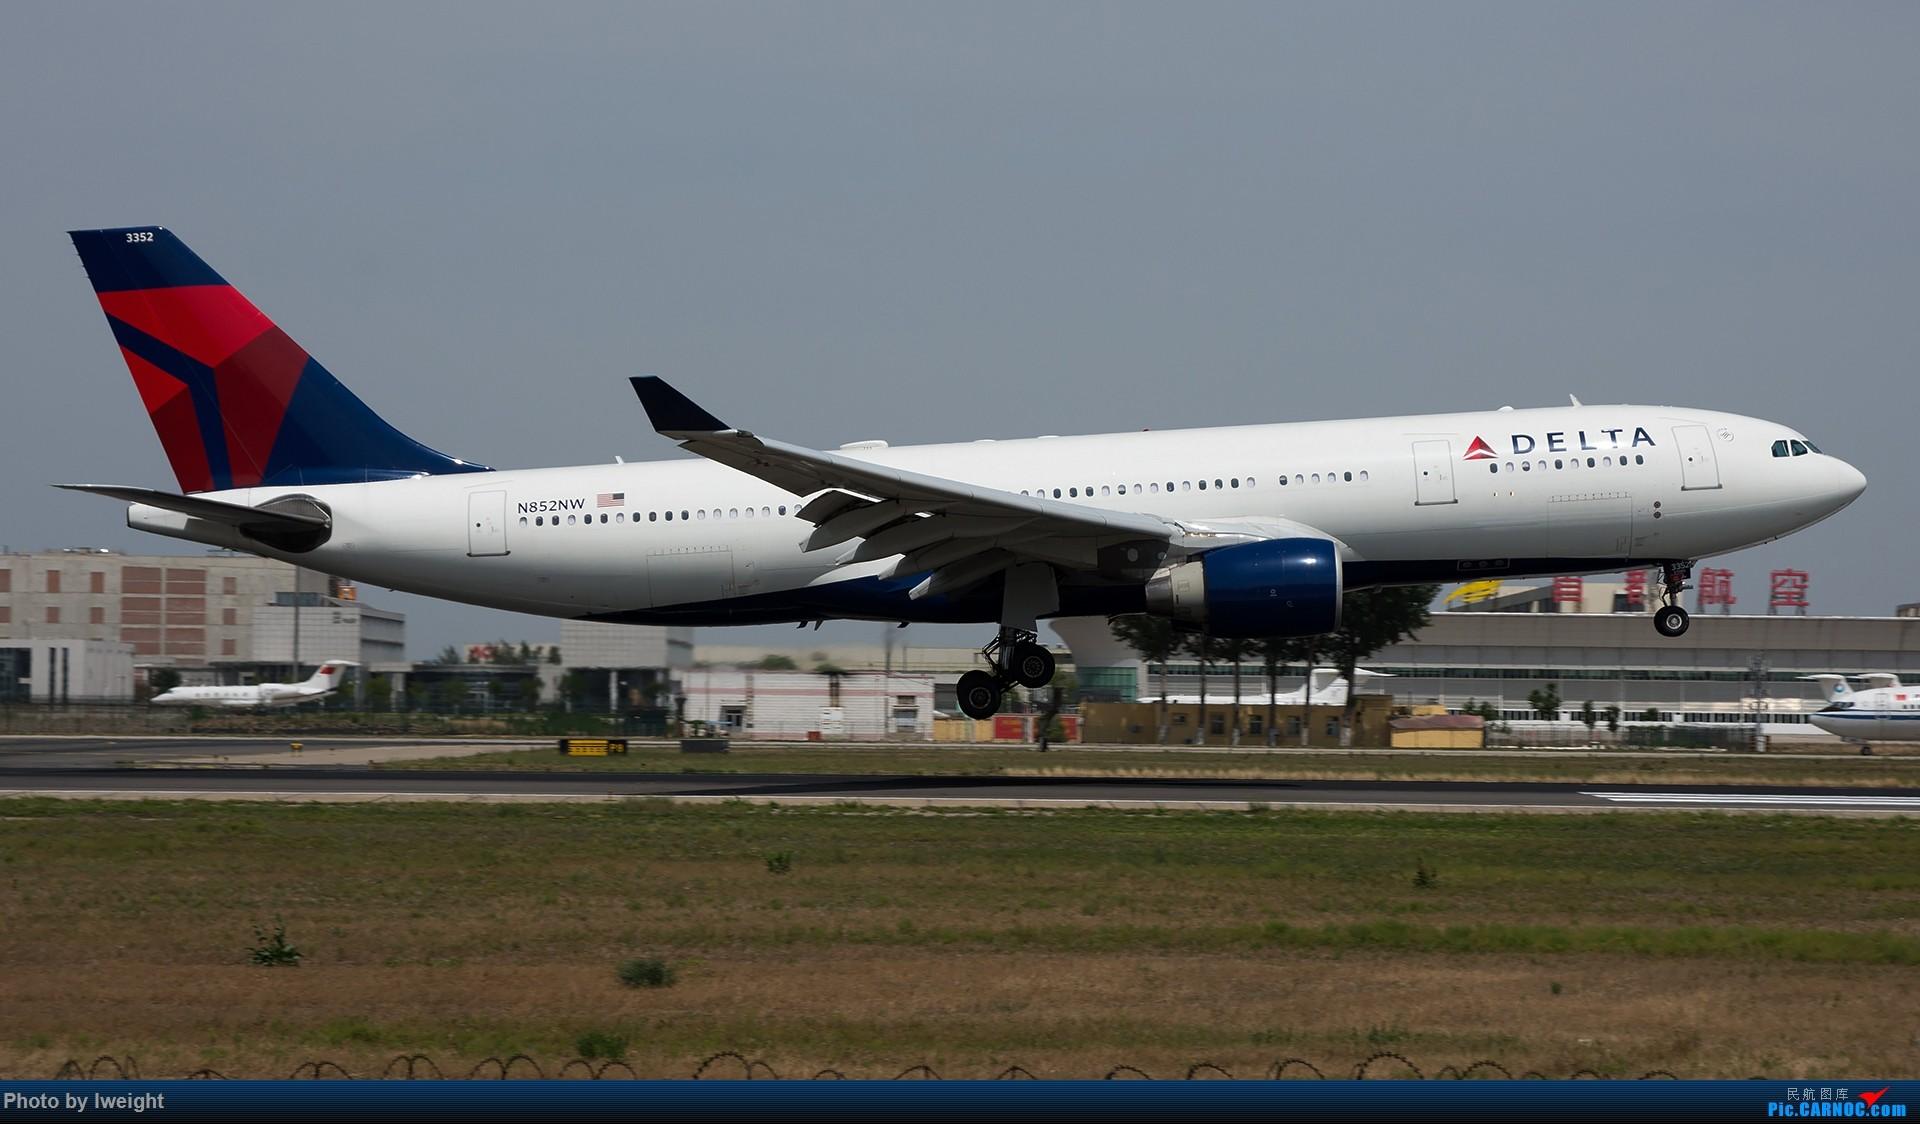 Re:[原创]很不错的天气,18R一组 AIRBUS A330-200 N852NW 中国北京首都国际机场